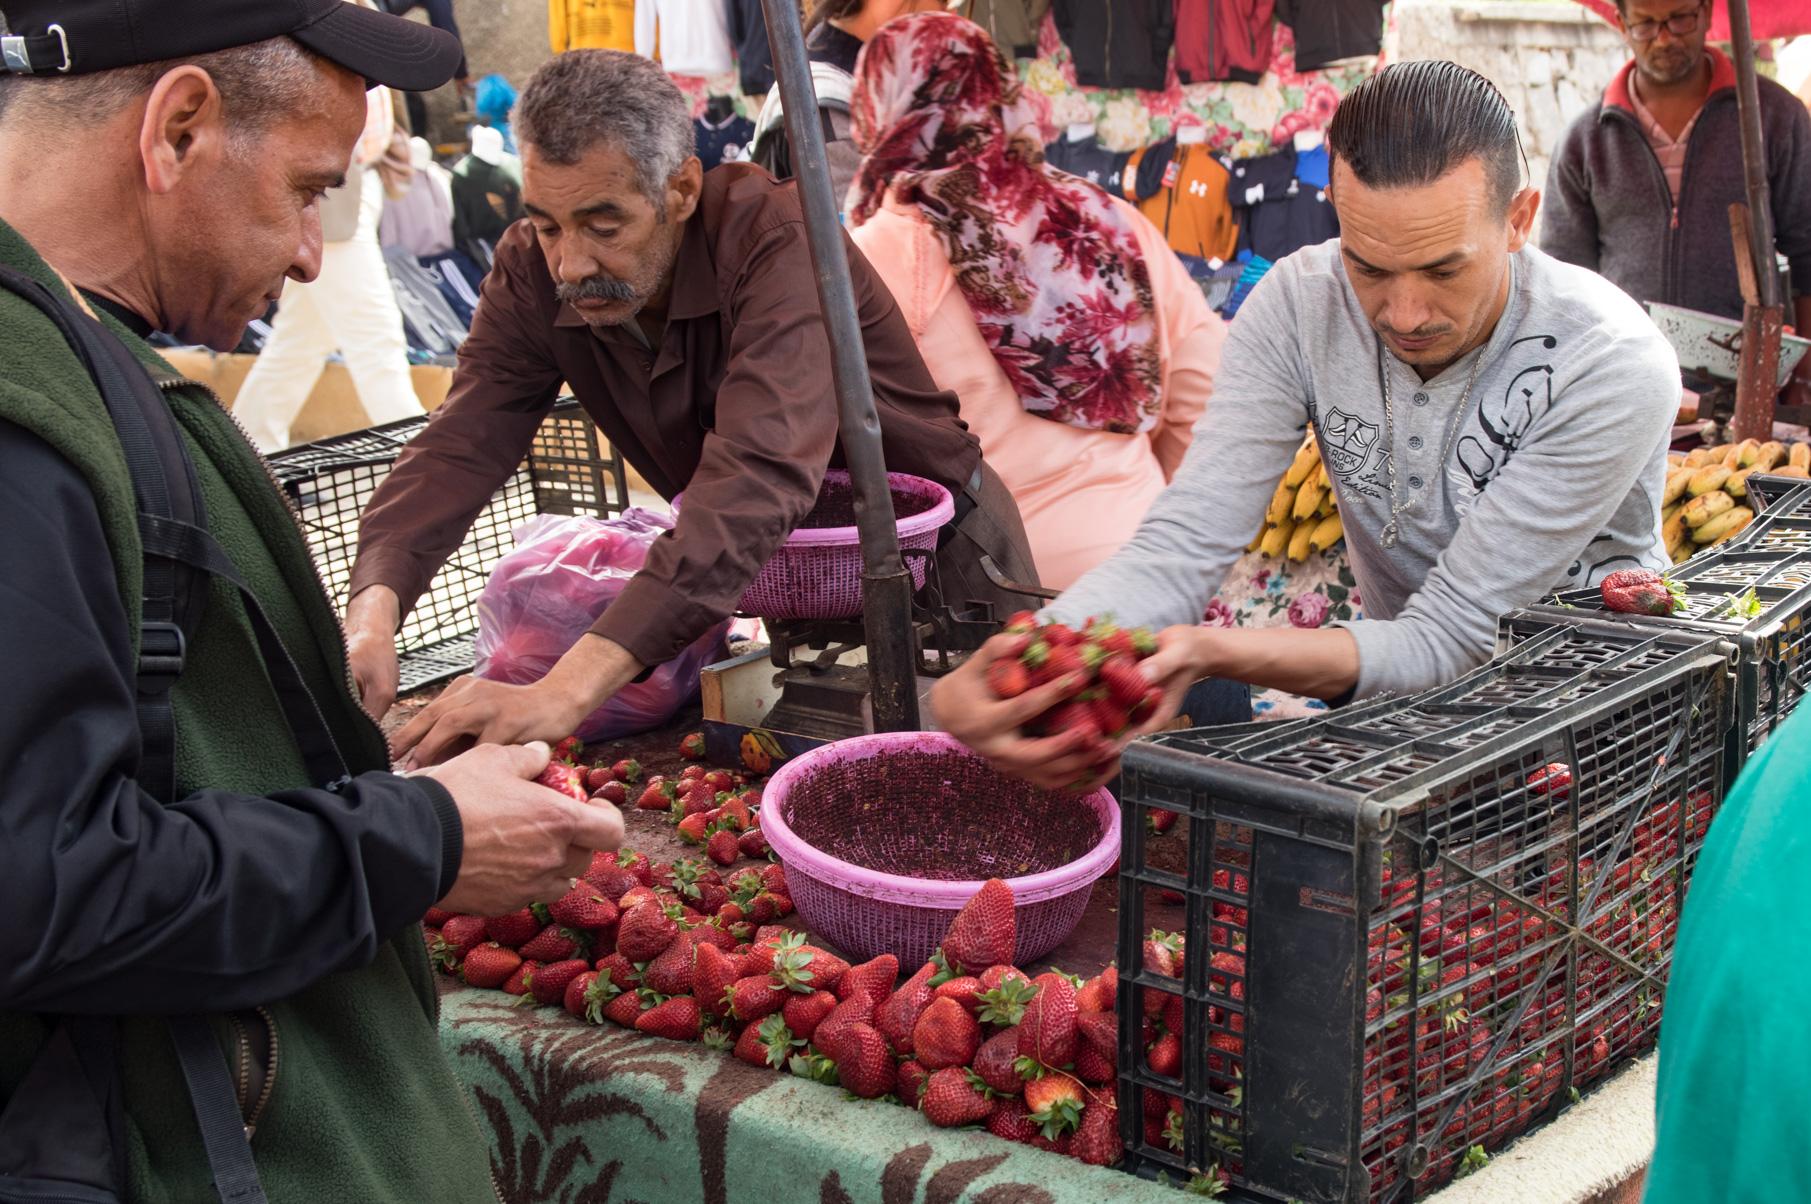 Jak měl Slávek hluboko do kapsy aneb způsoby obírání turistů v Maroku